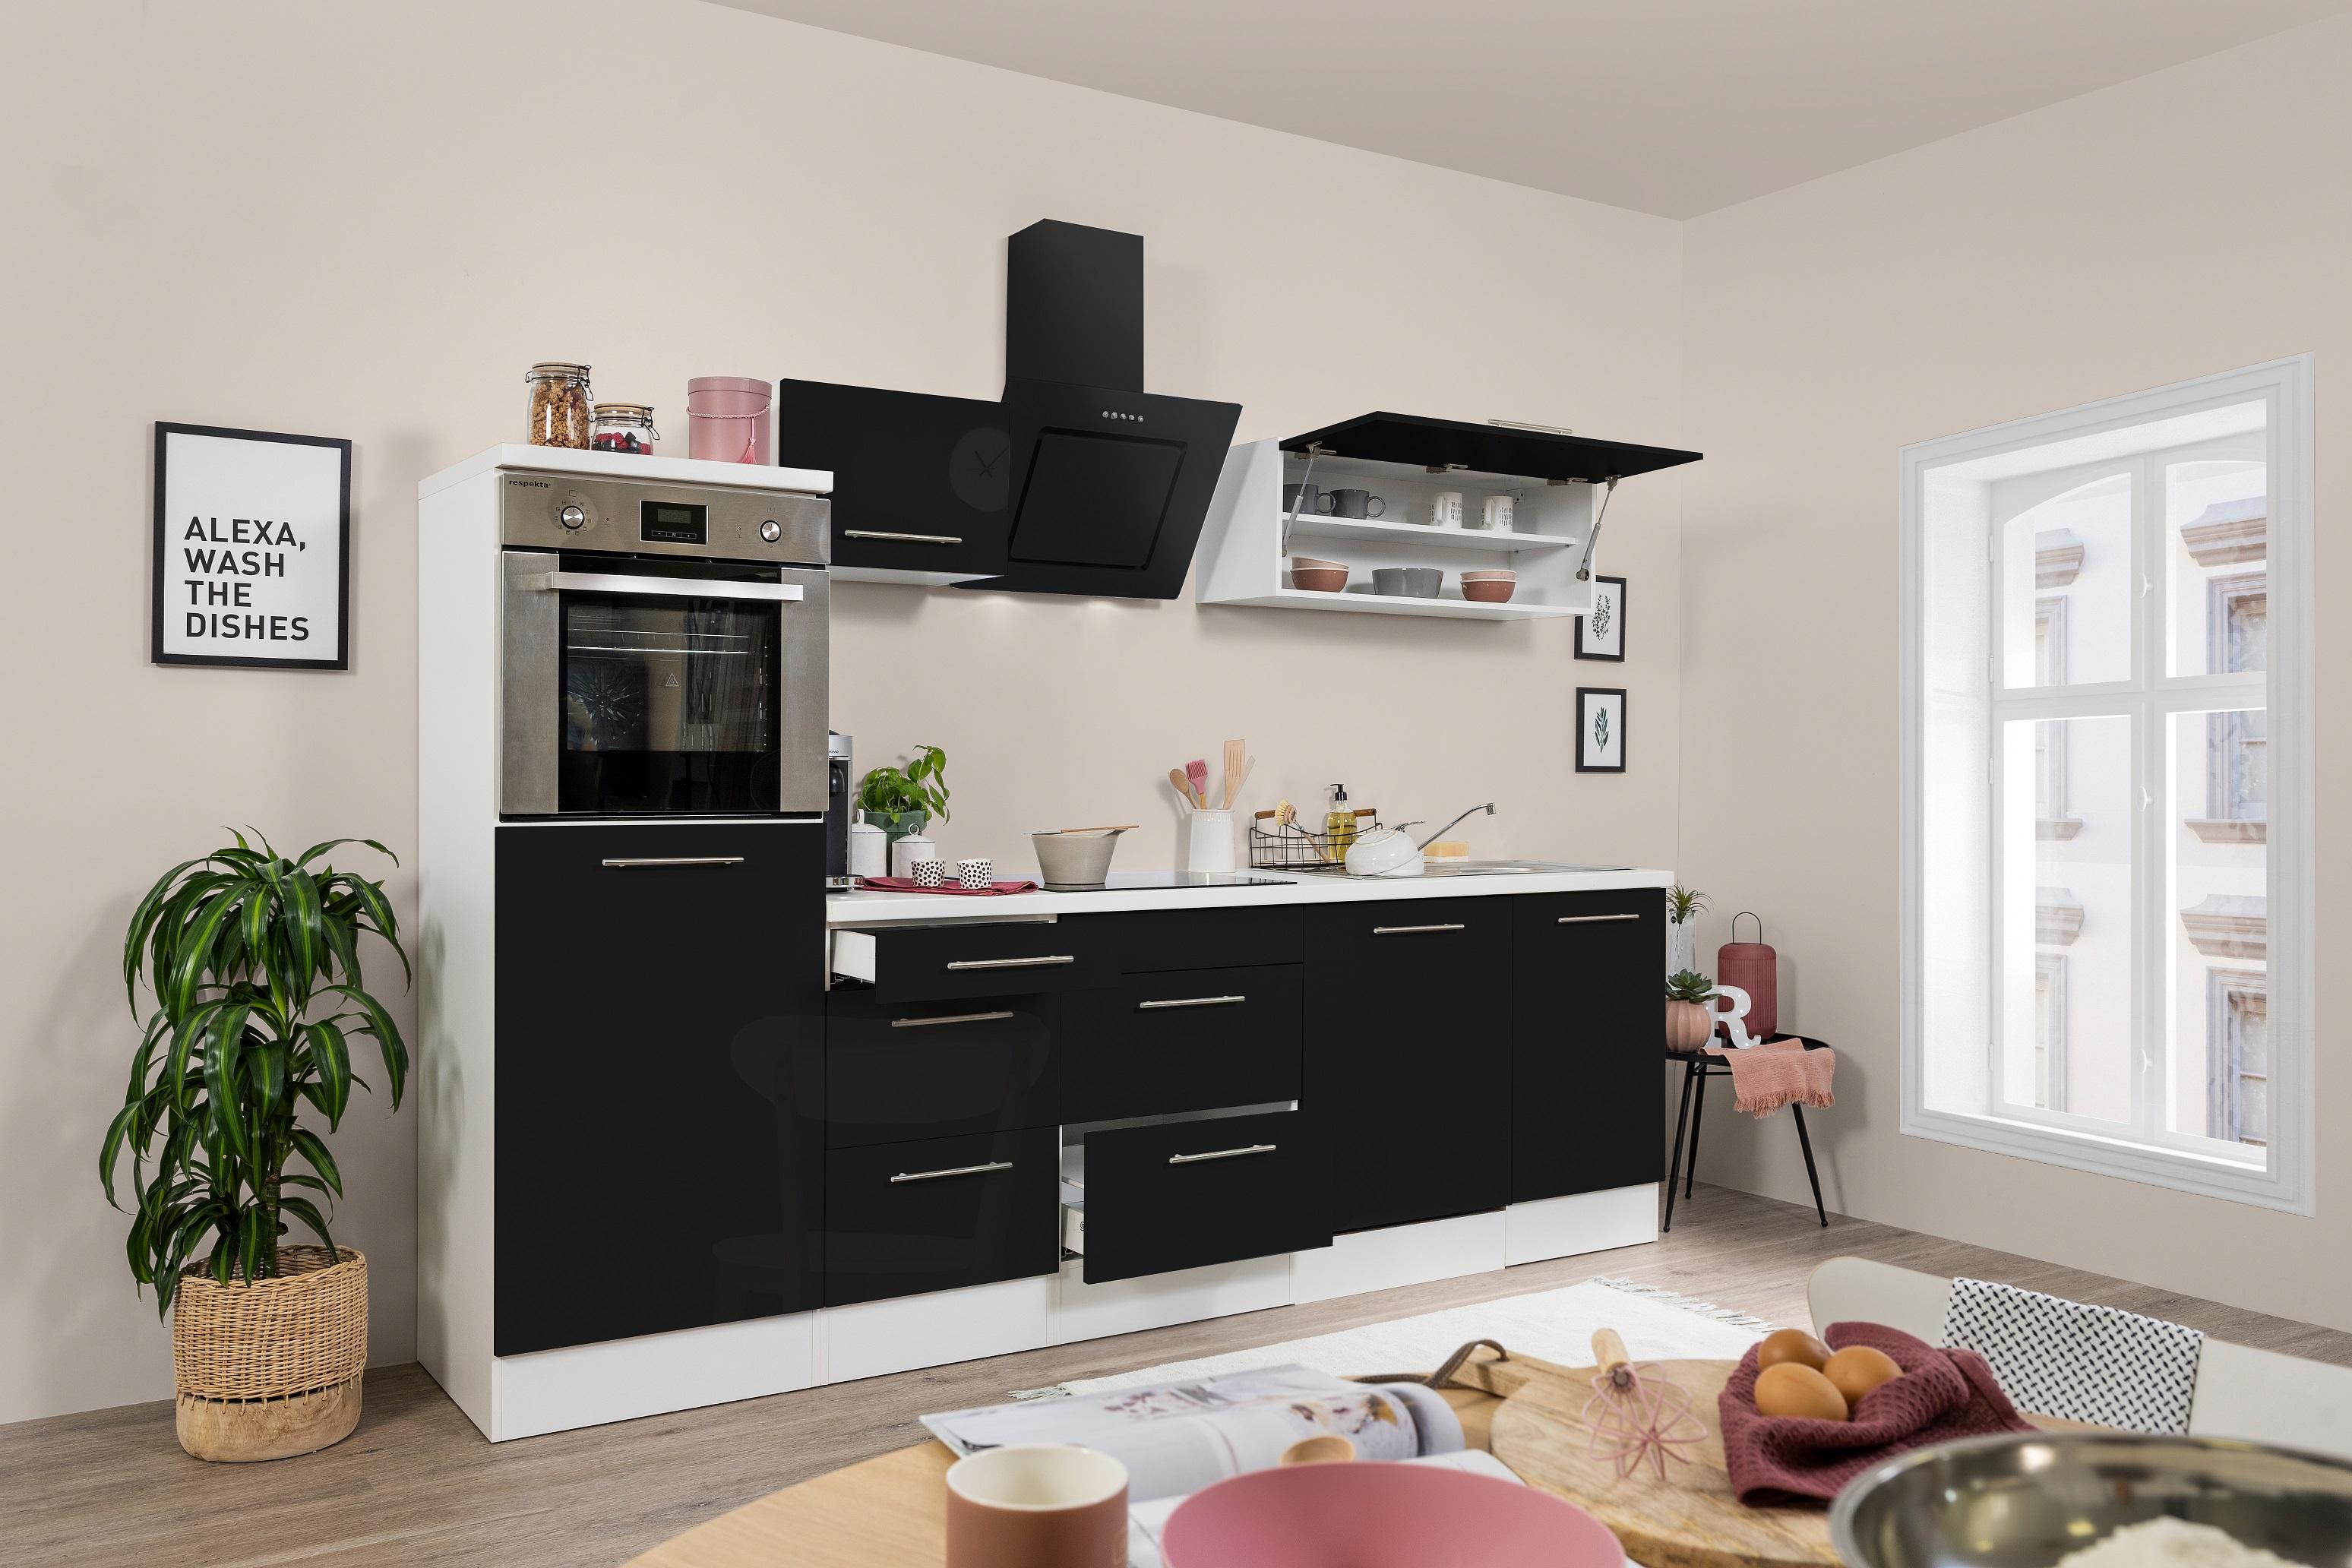 respekta Küchenzeile Küche Küchenblock Einbauküche 280cm Hochglanz weiß schwarz